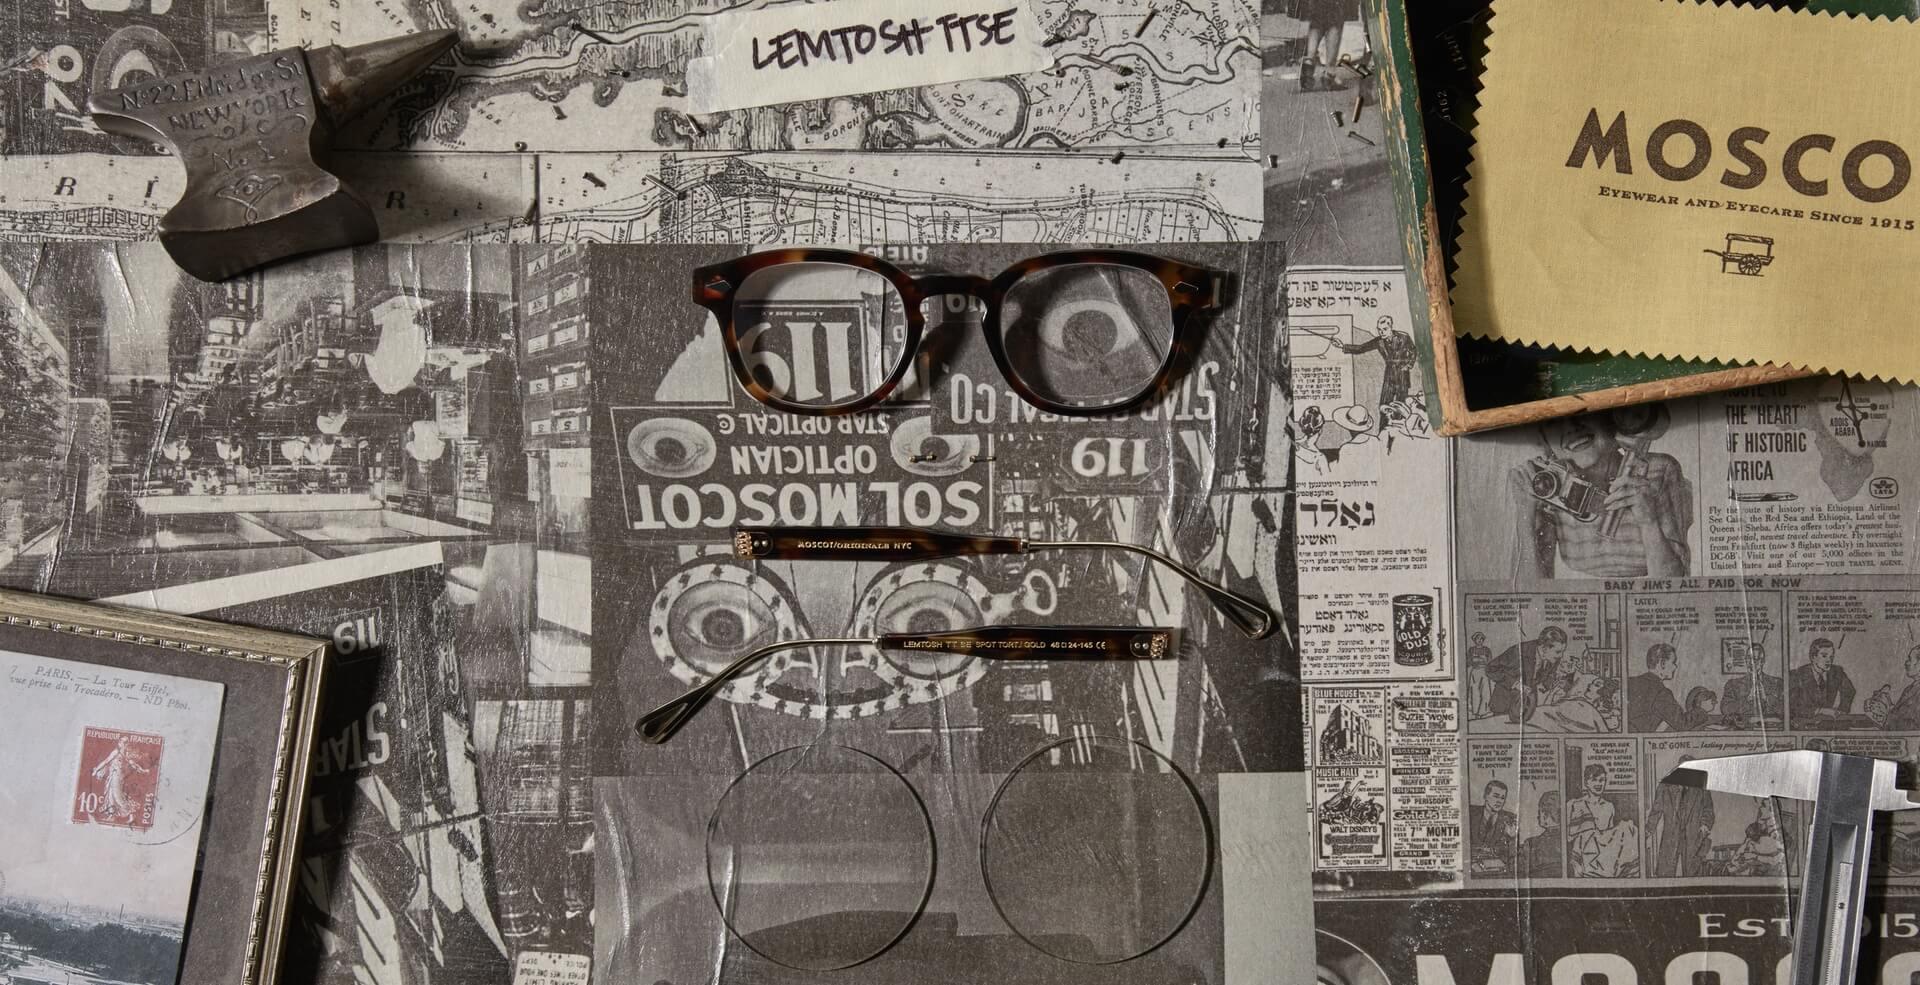 LEMTOSH-TT SE